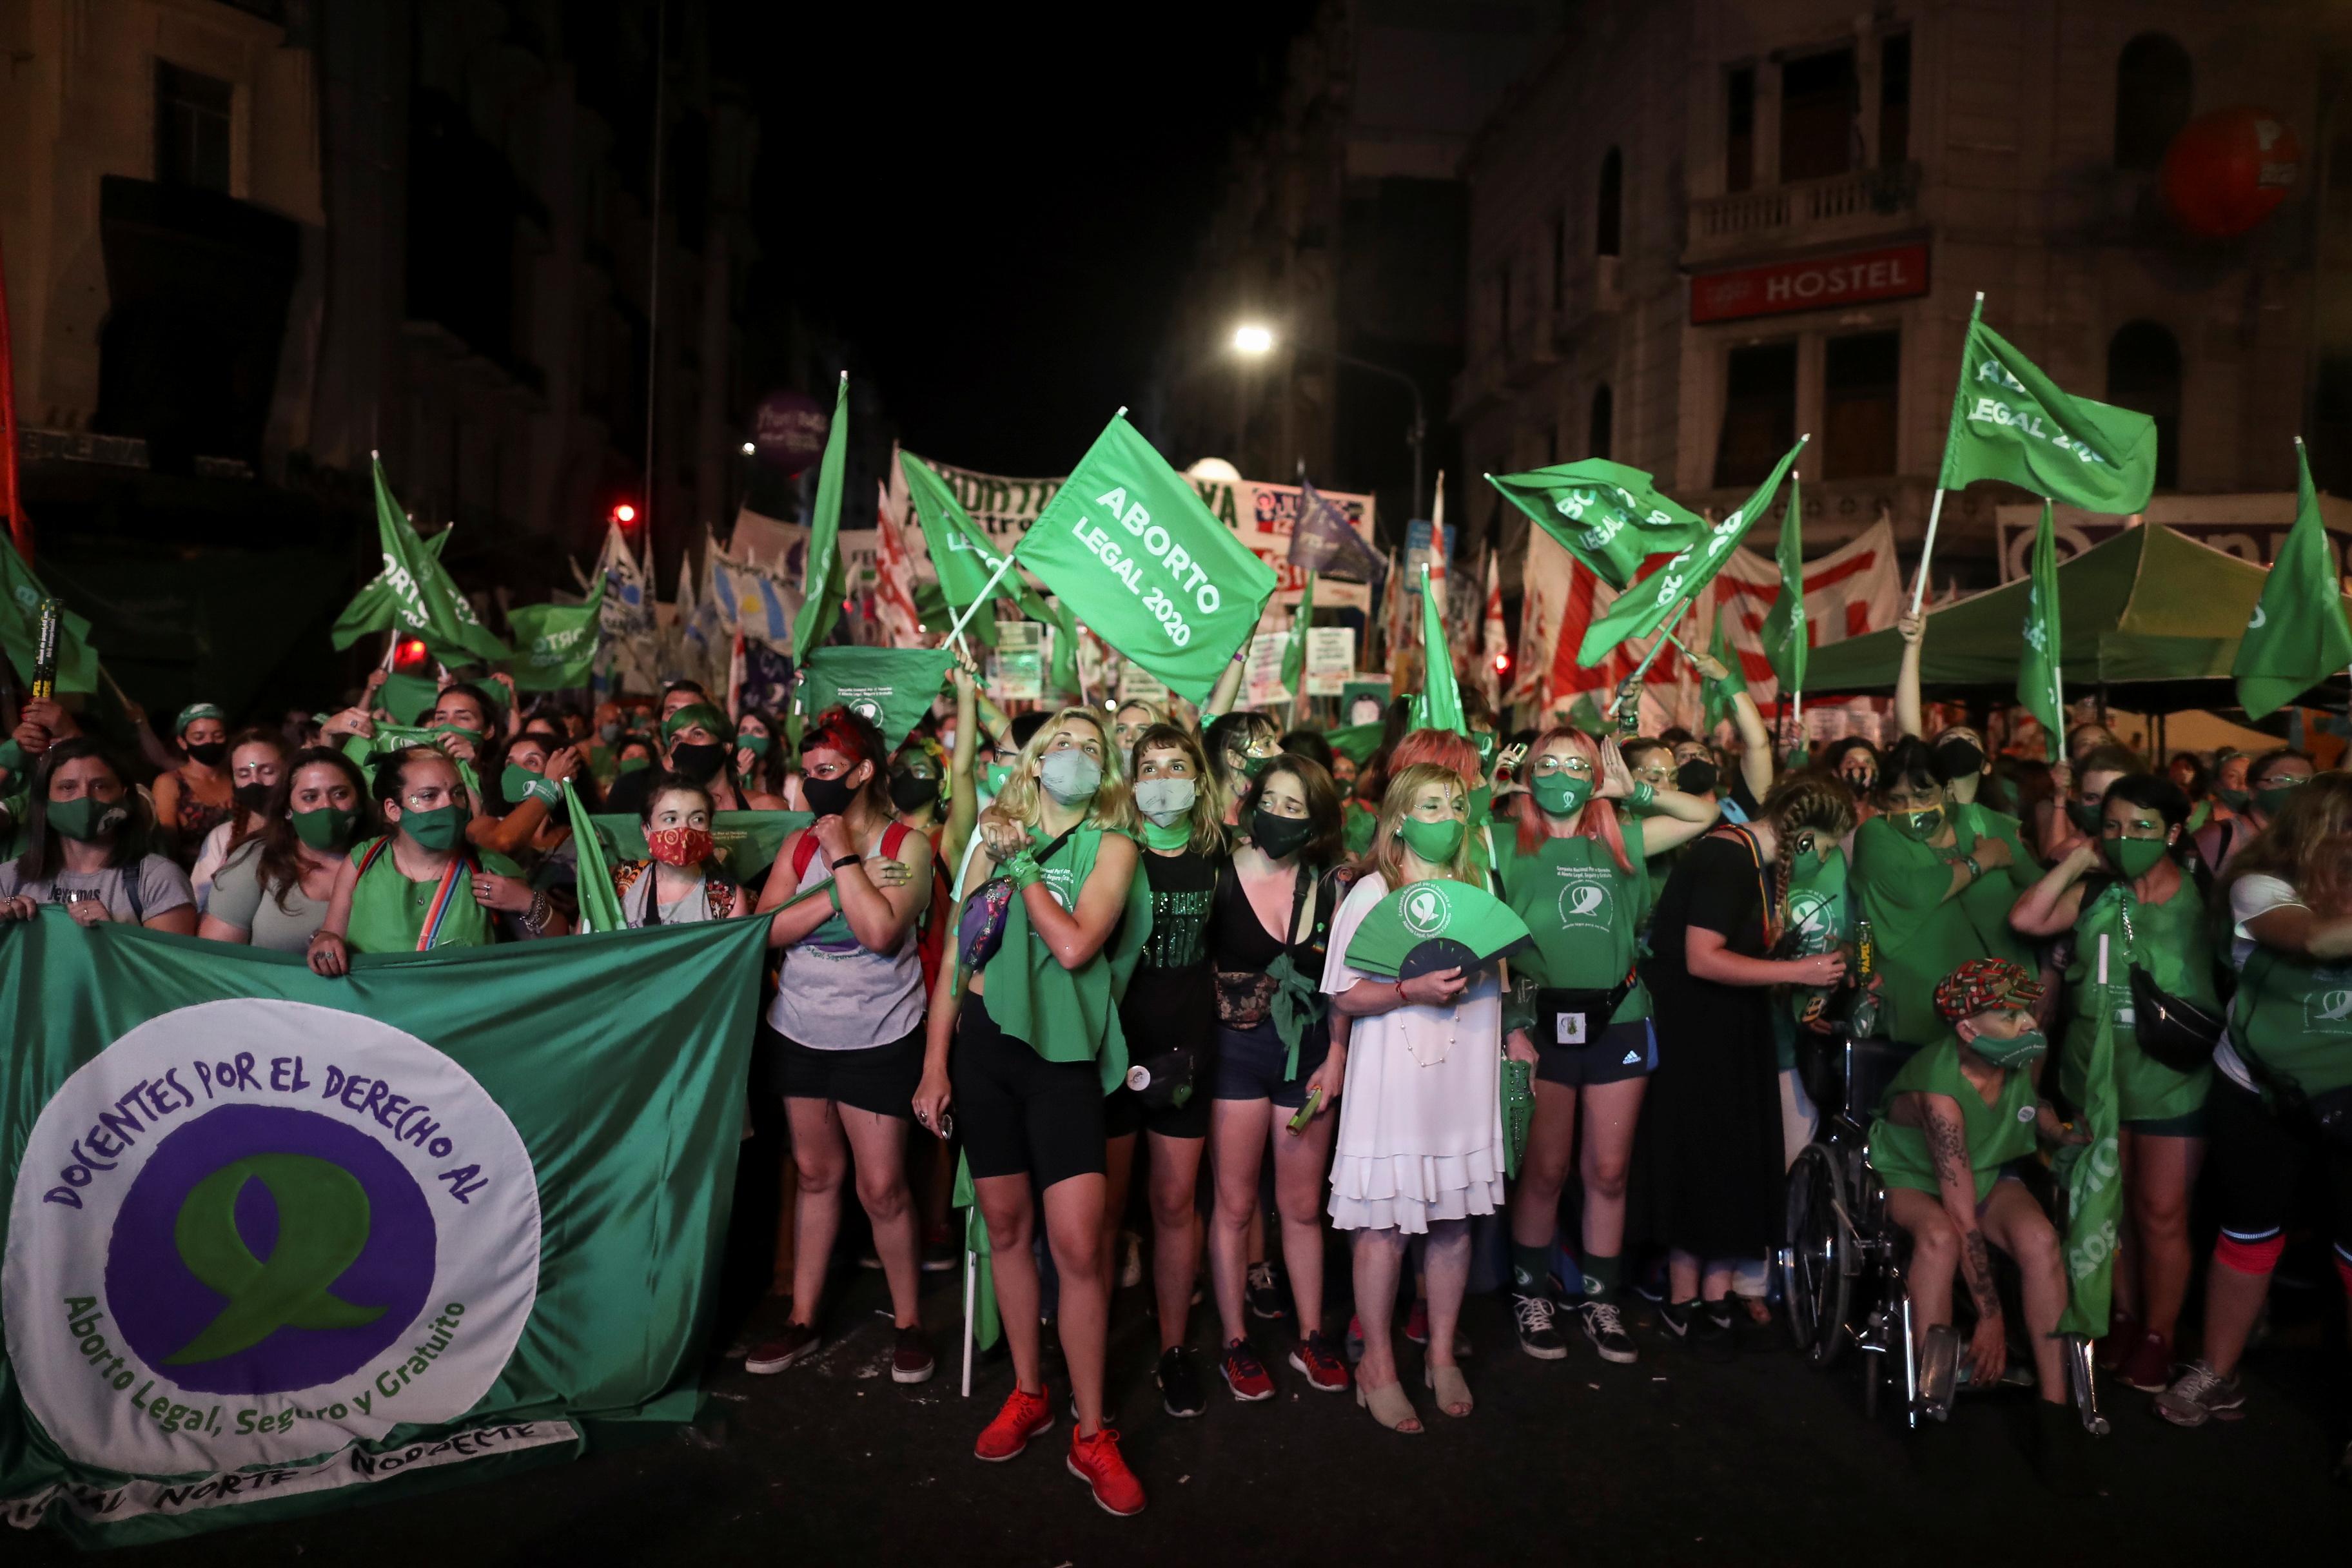 Una multitud de mujeres celebró la sanción de la ley (REUTERS)